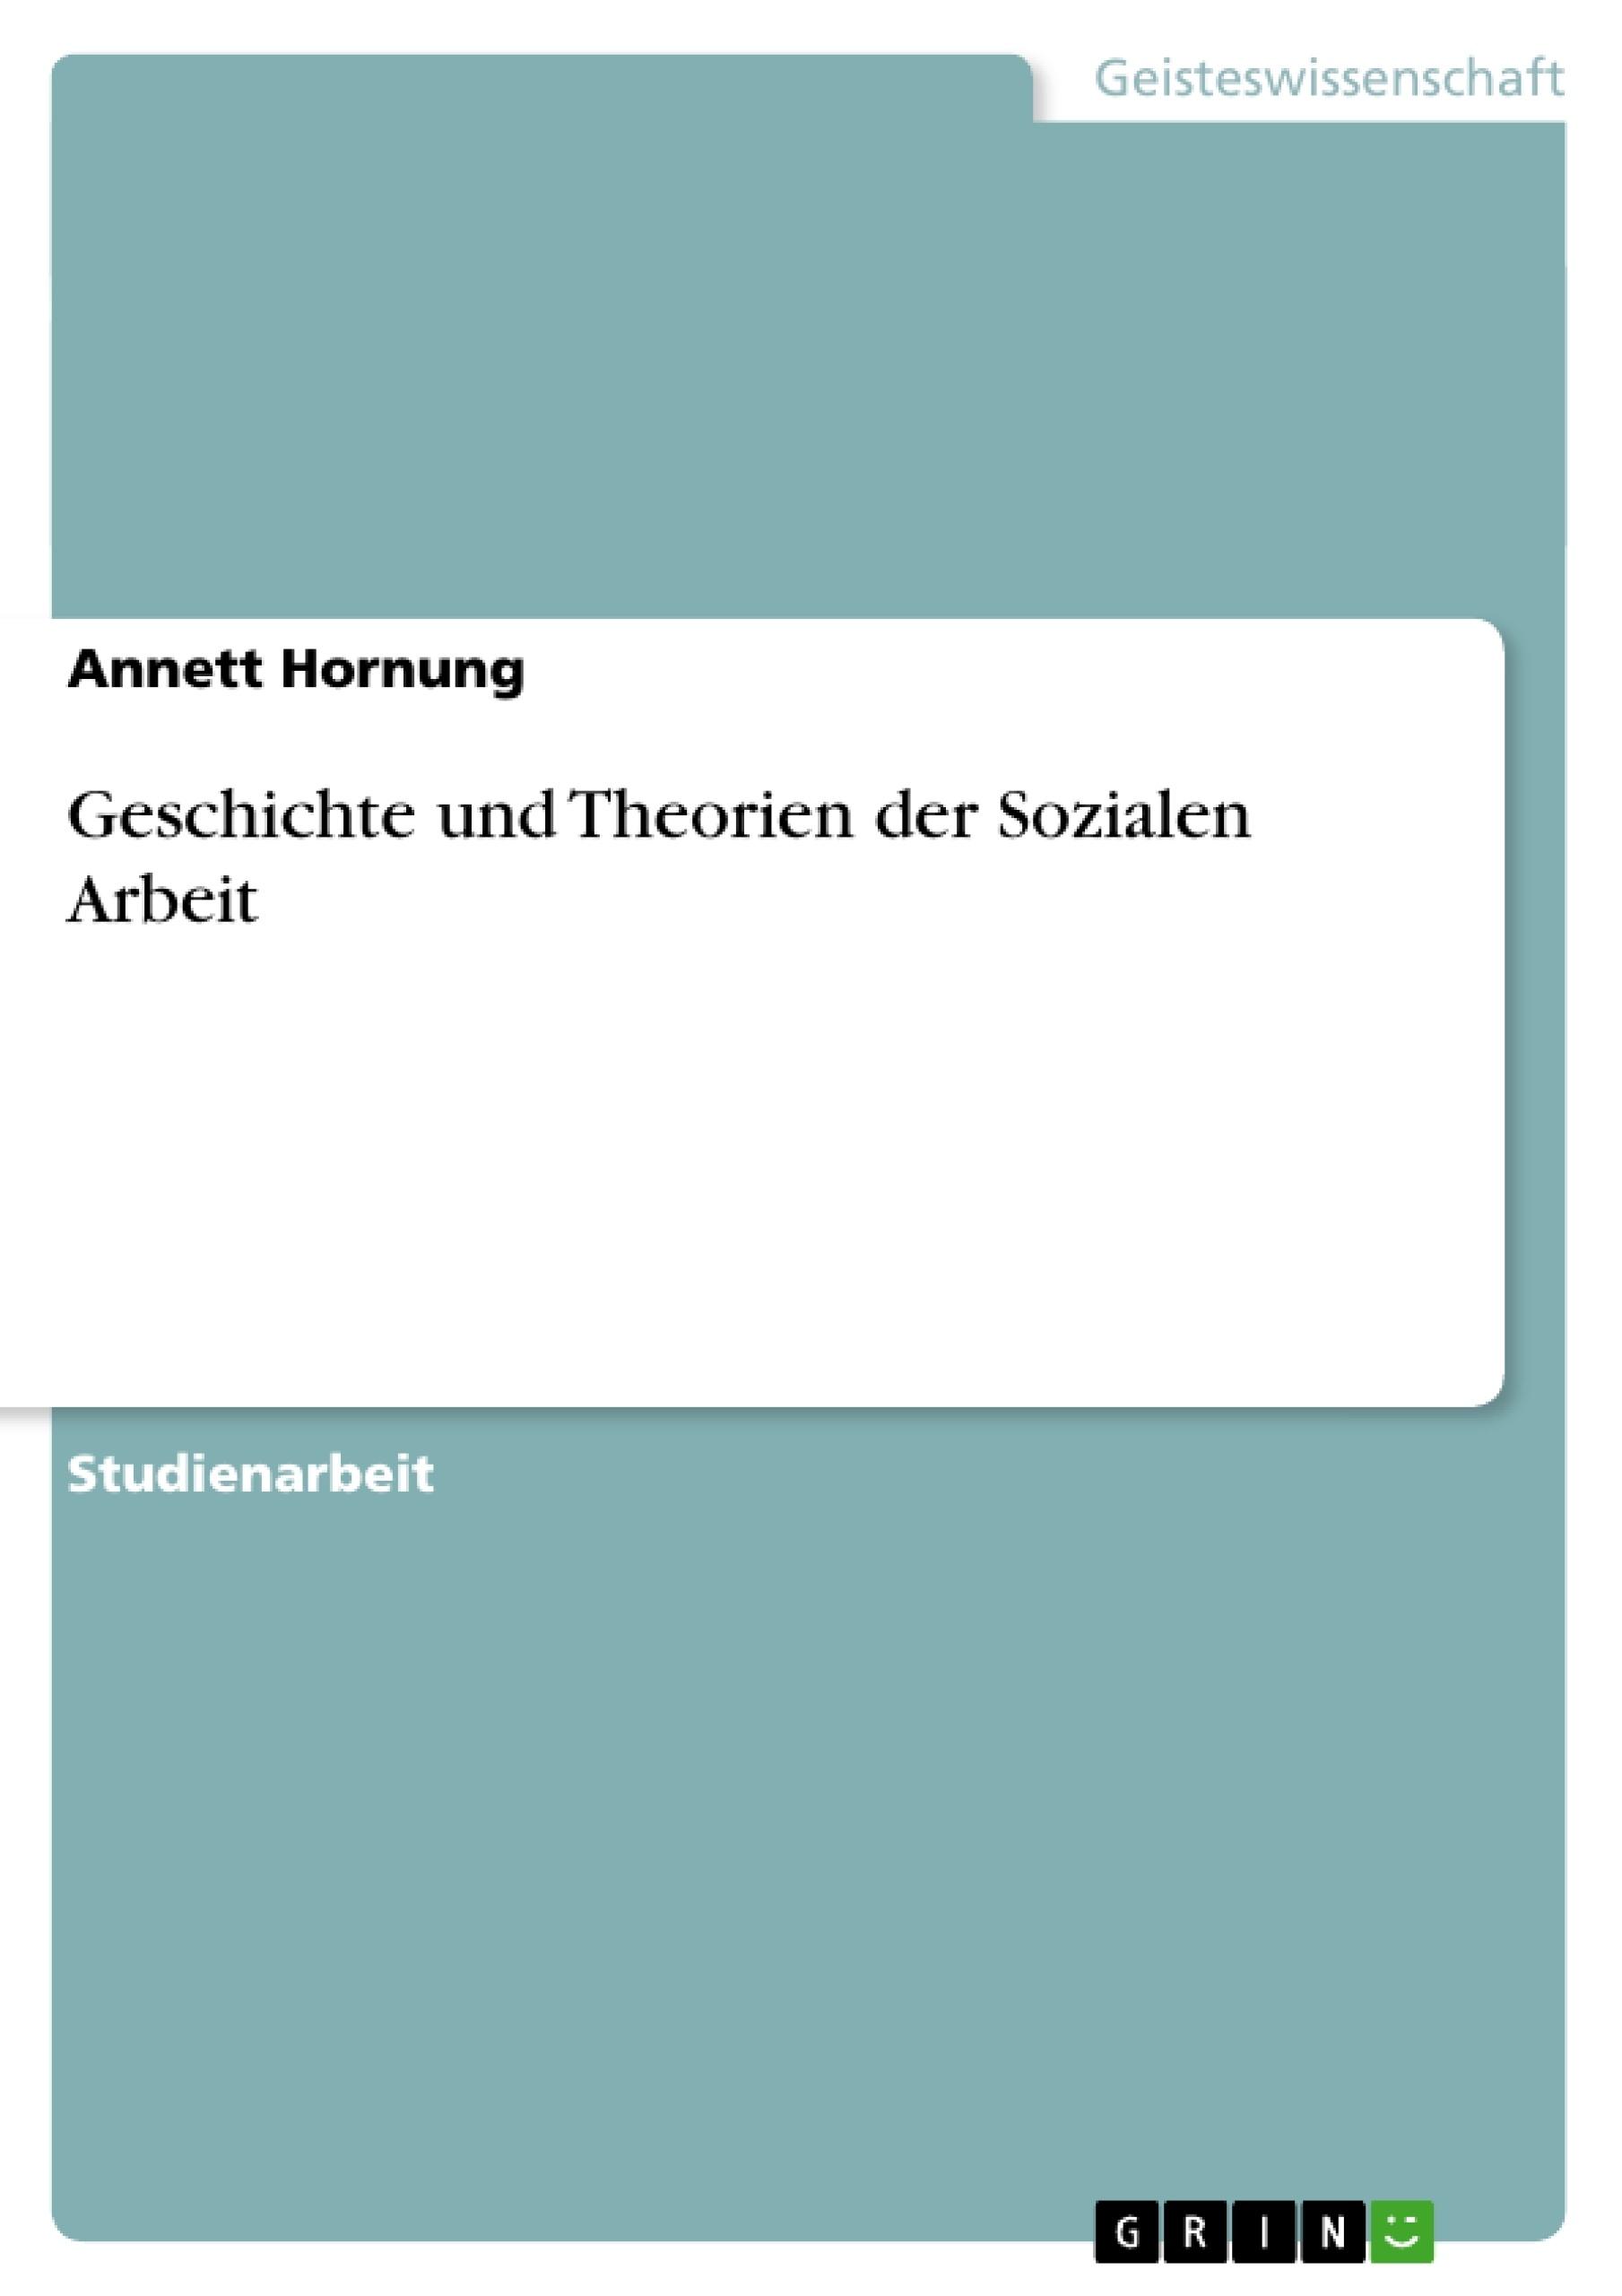 Titel: Geschichte und Theorien der Sozialen Arbeit